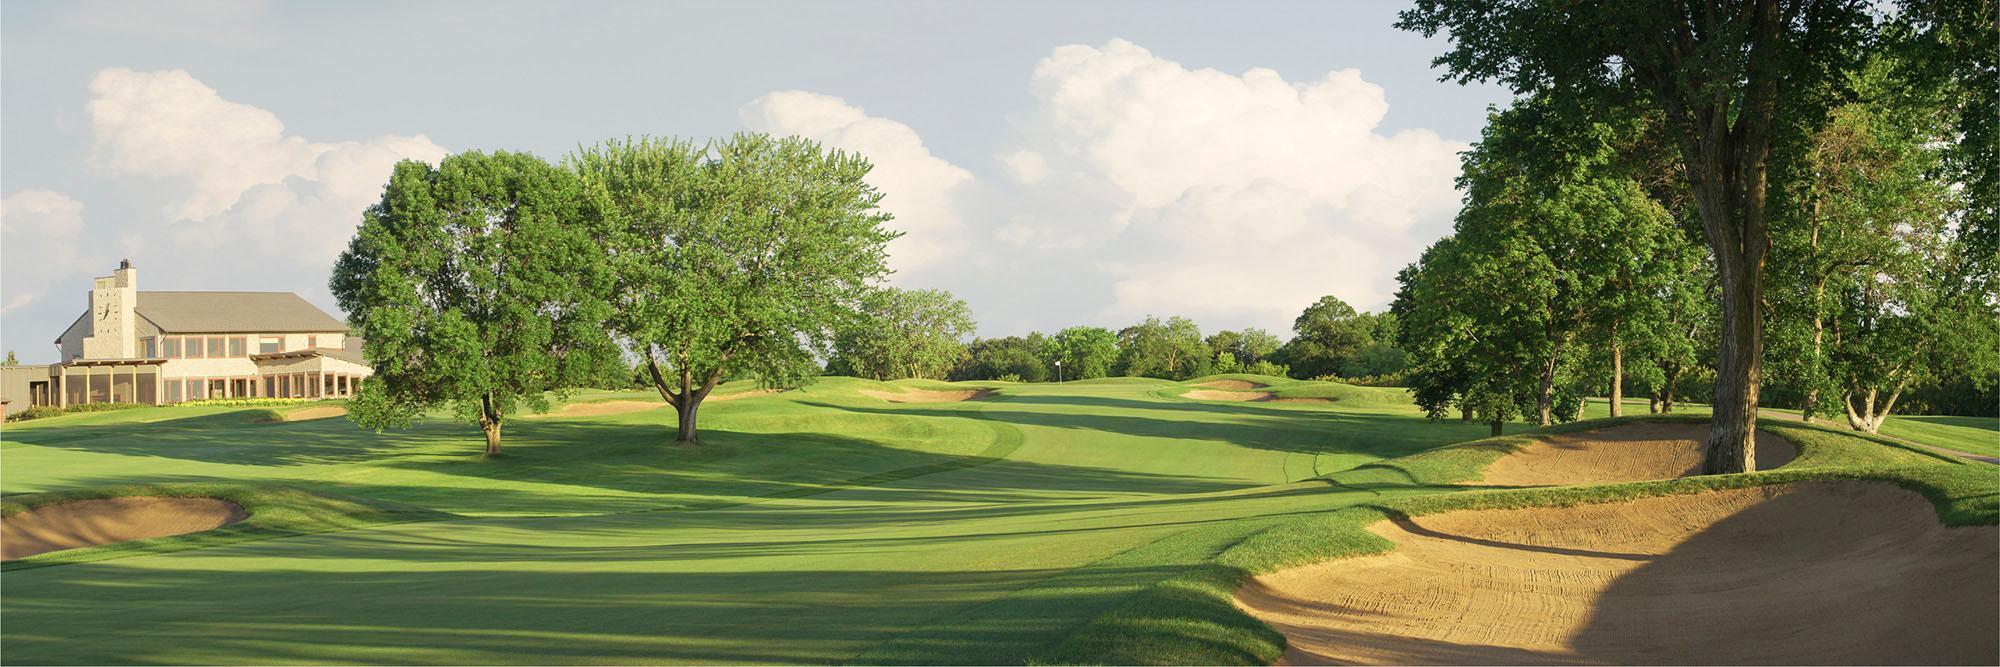 Golf Course Image - Hazeltine No. 18